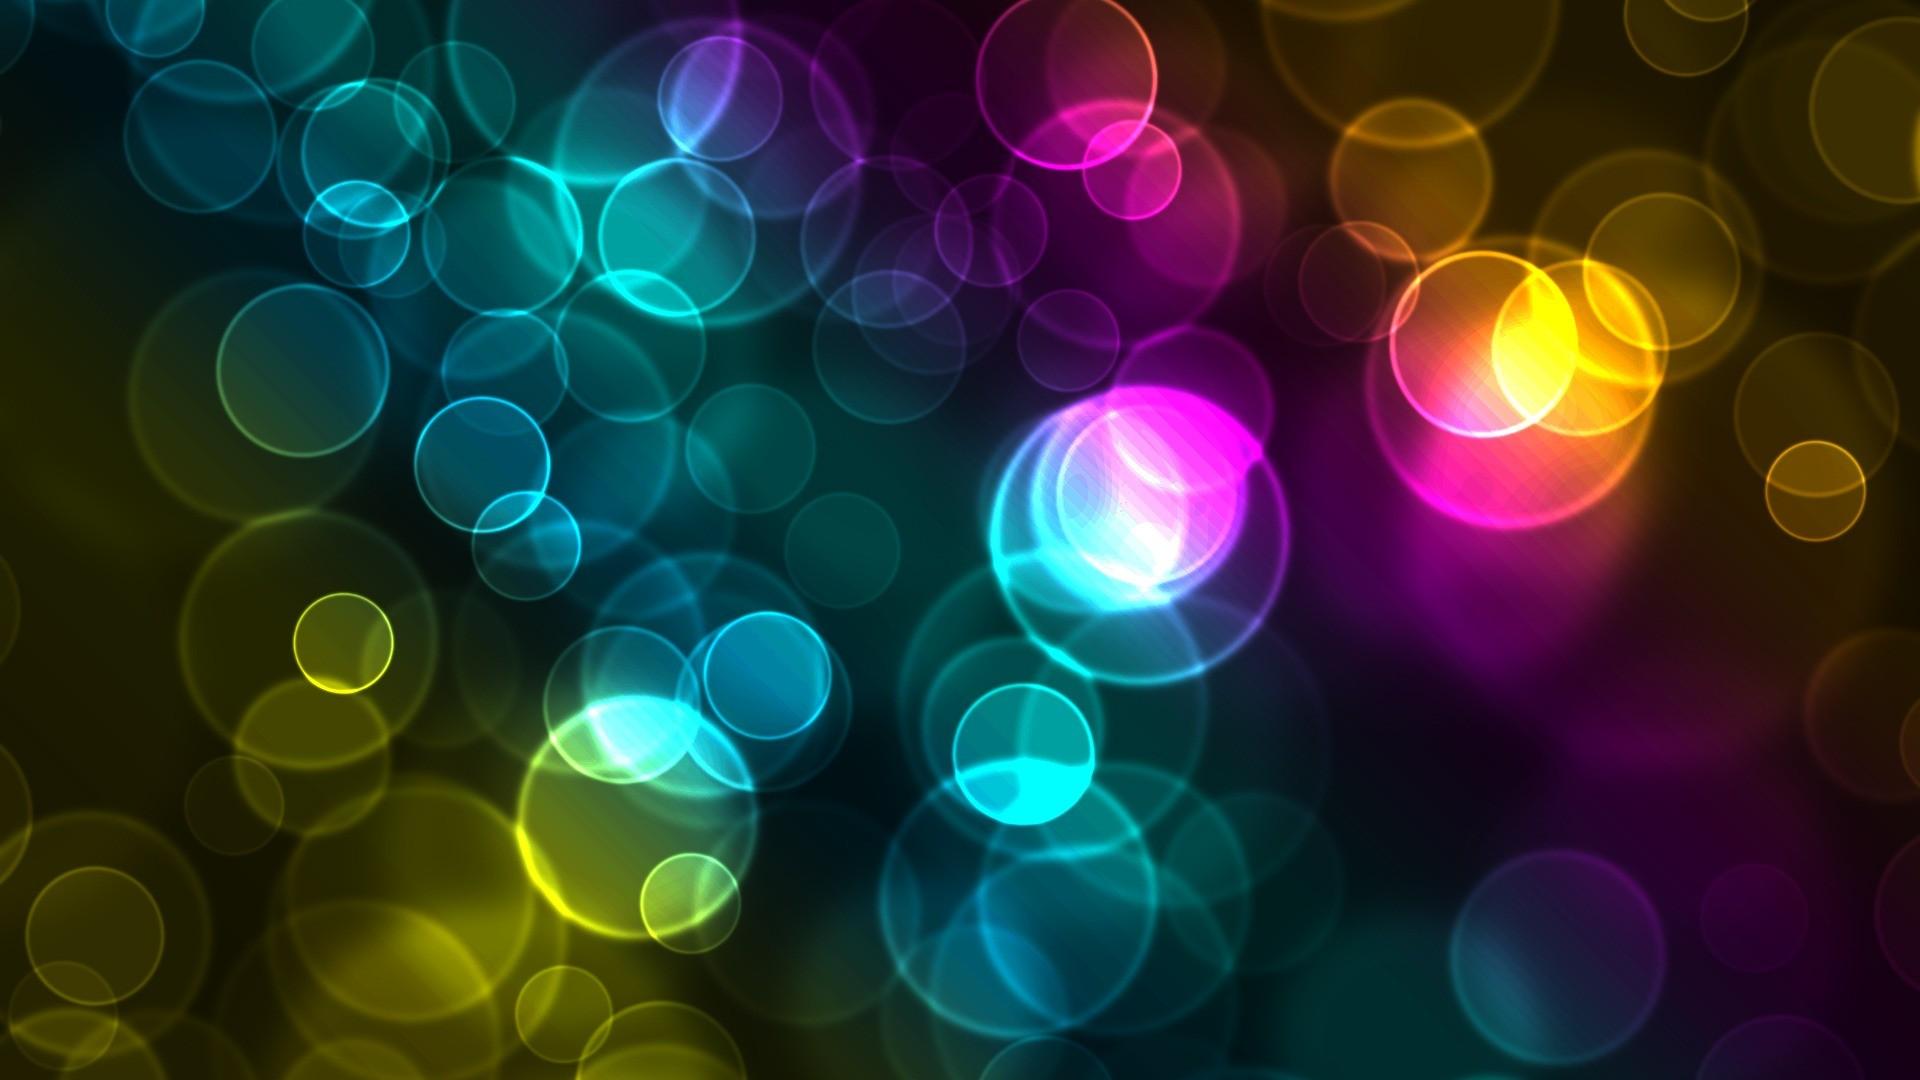 Glowing Circles Glowing Circles Wallpapers